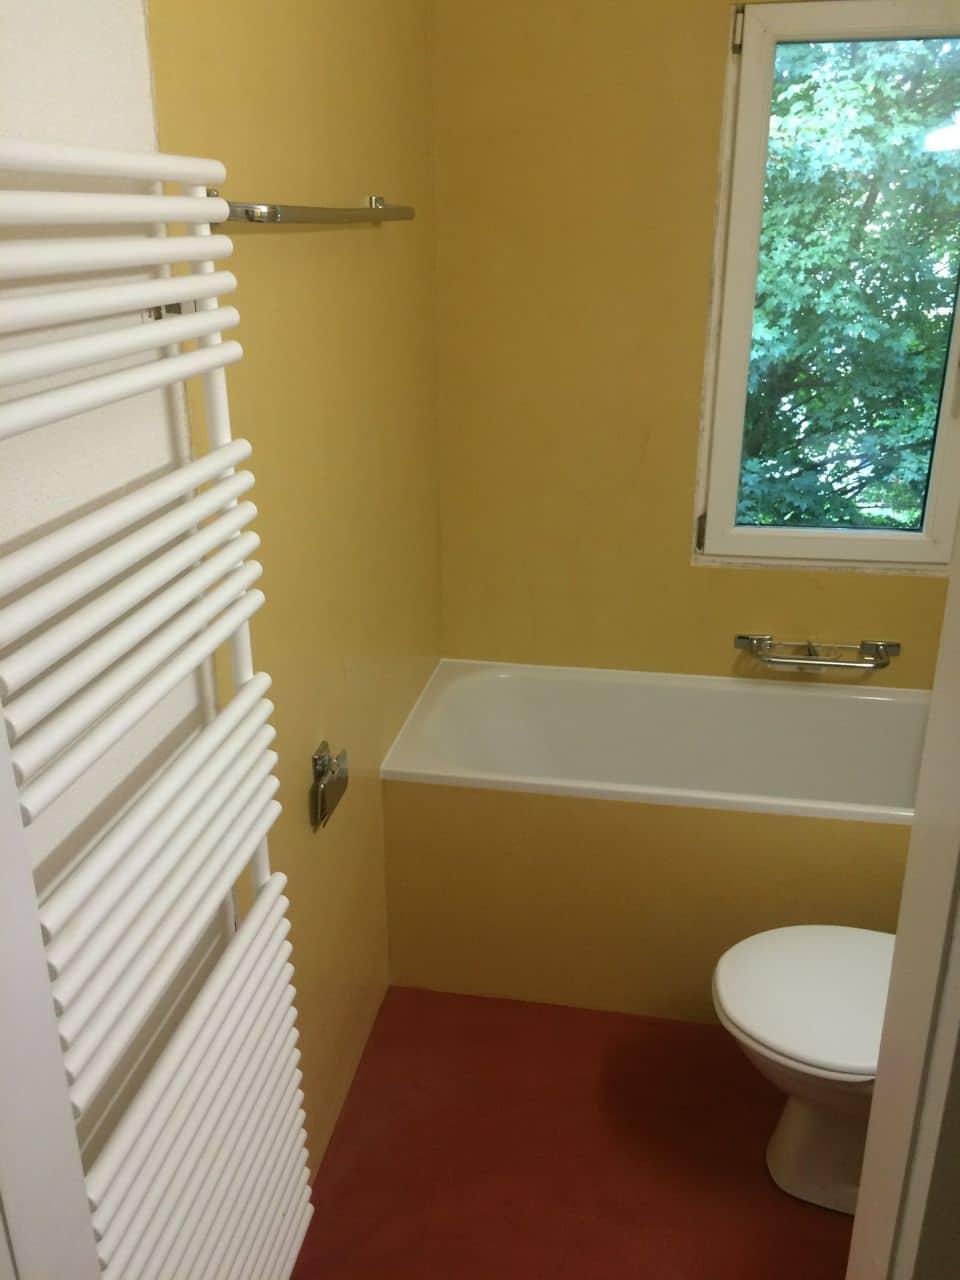 Beton Ciré farbig (Gewachster Beton) ideal für Bad